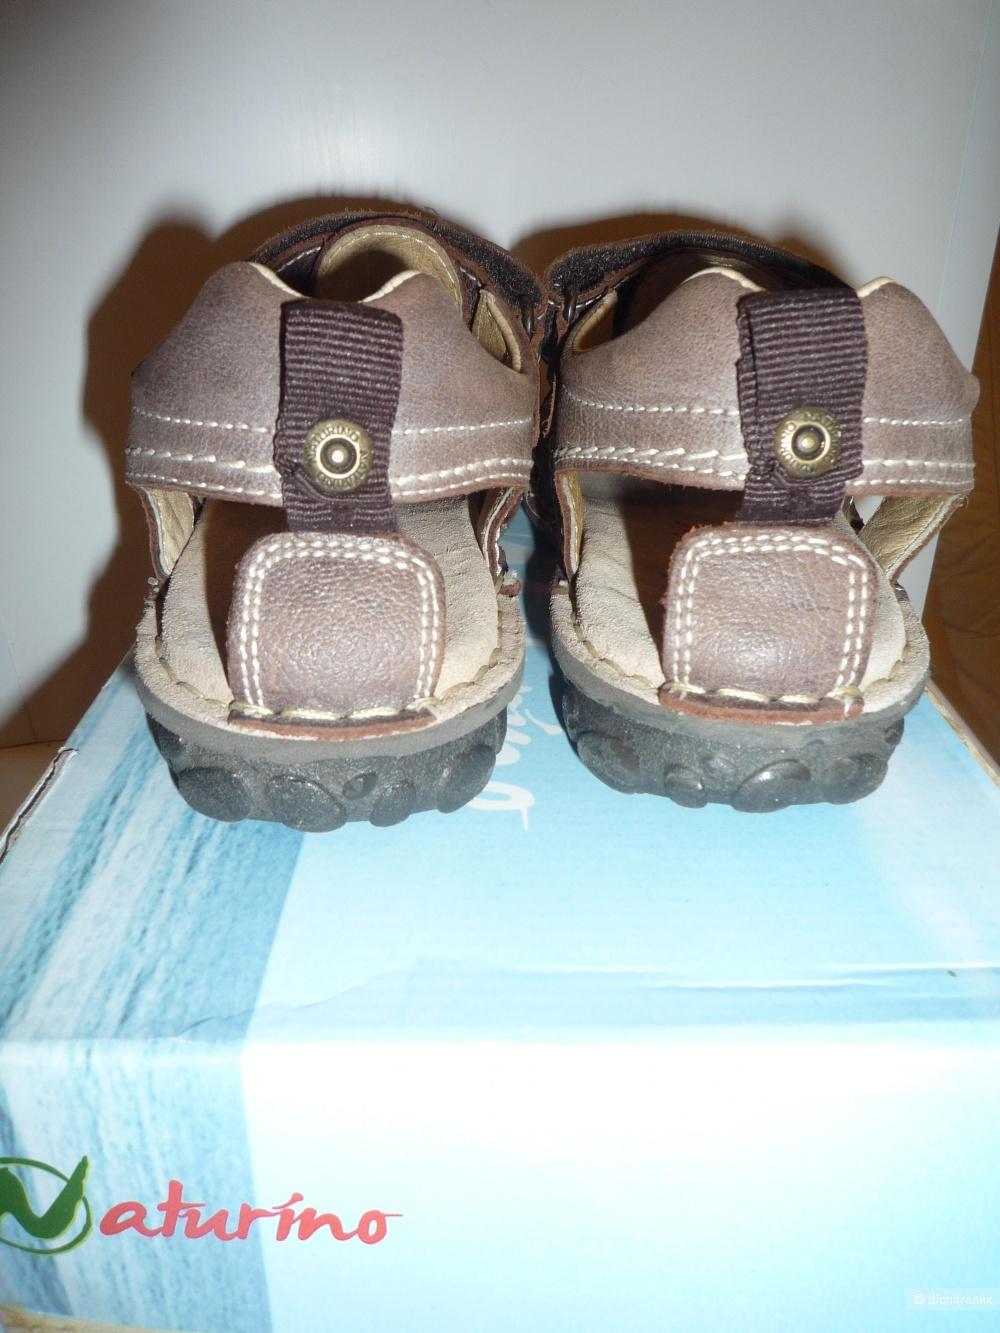 Туфли/сандалии Naturino 32 размер